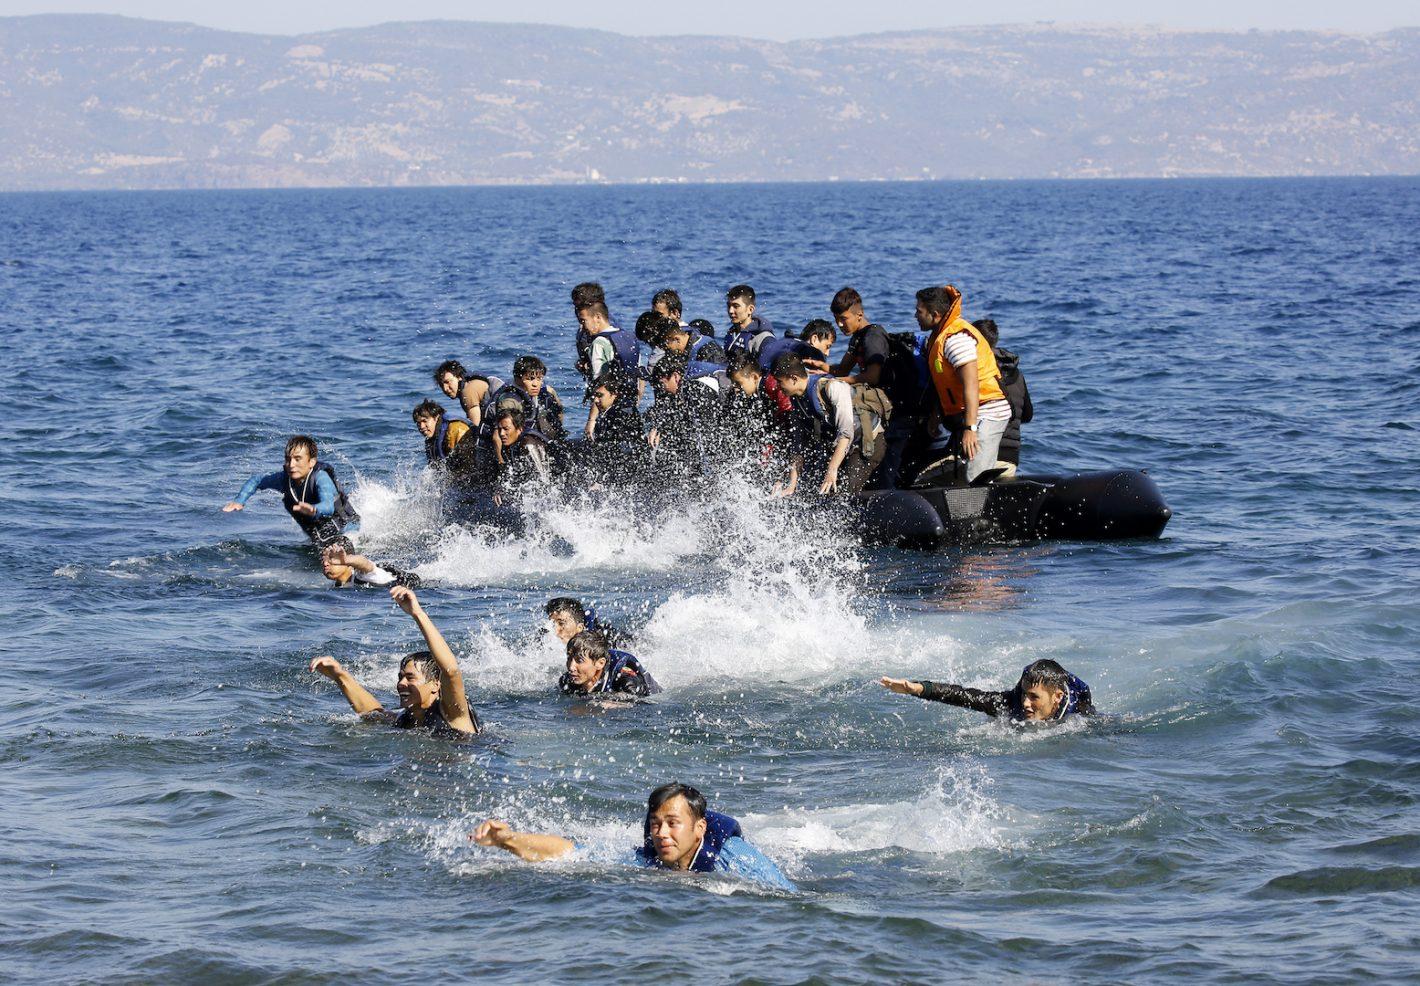 Après avoir traversé la Mer Egée depuis la côte turque, des réfugiés Afghans et Syriens luttent pour nager vers les côtes après que leur radeau au moteur cassé ait dérivé au large de l'île grecque de Lesbos. 19 septembre 2015 - REUTERS/Yannis Behrakis